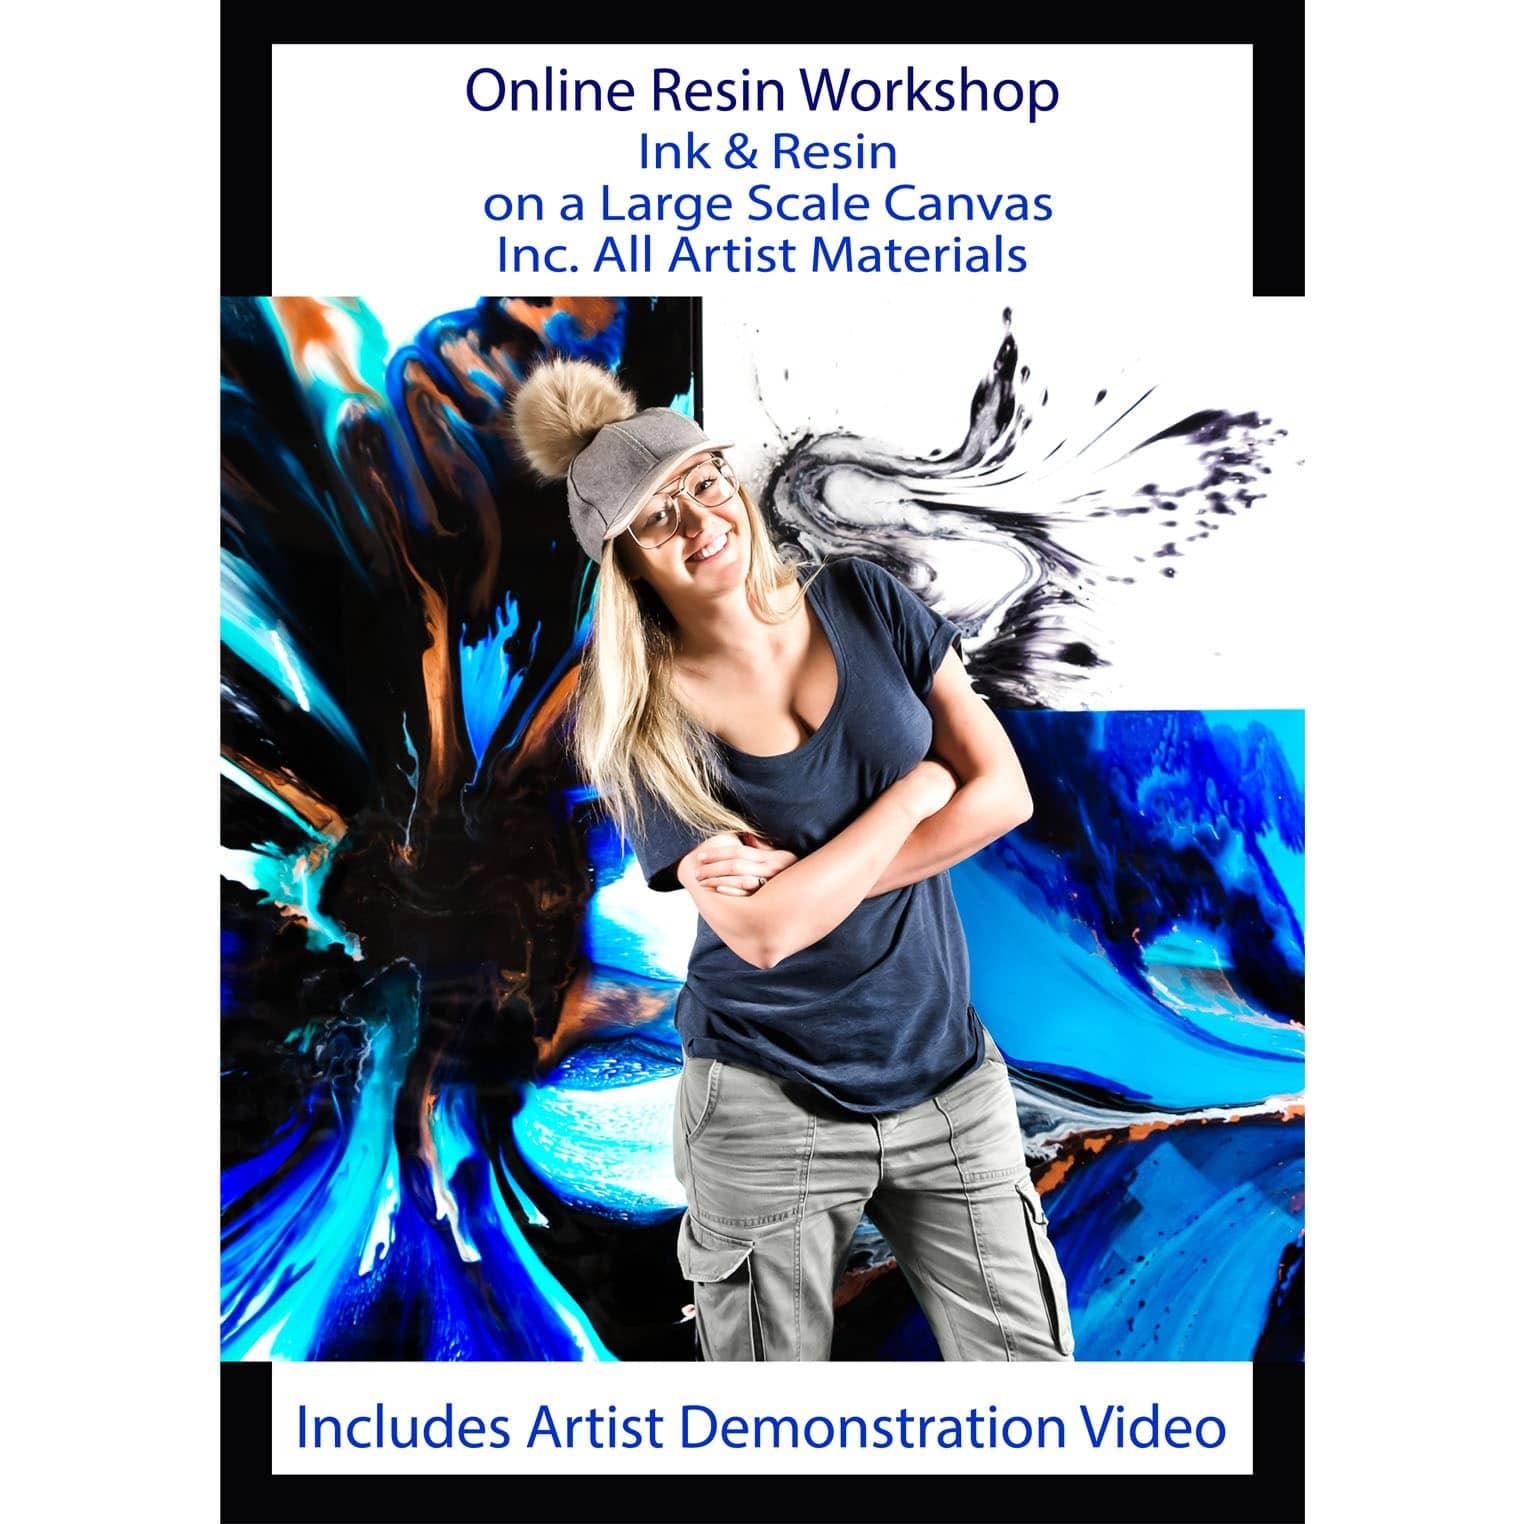 Resin workshop online with artist Jessica Baker